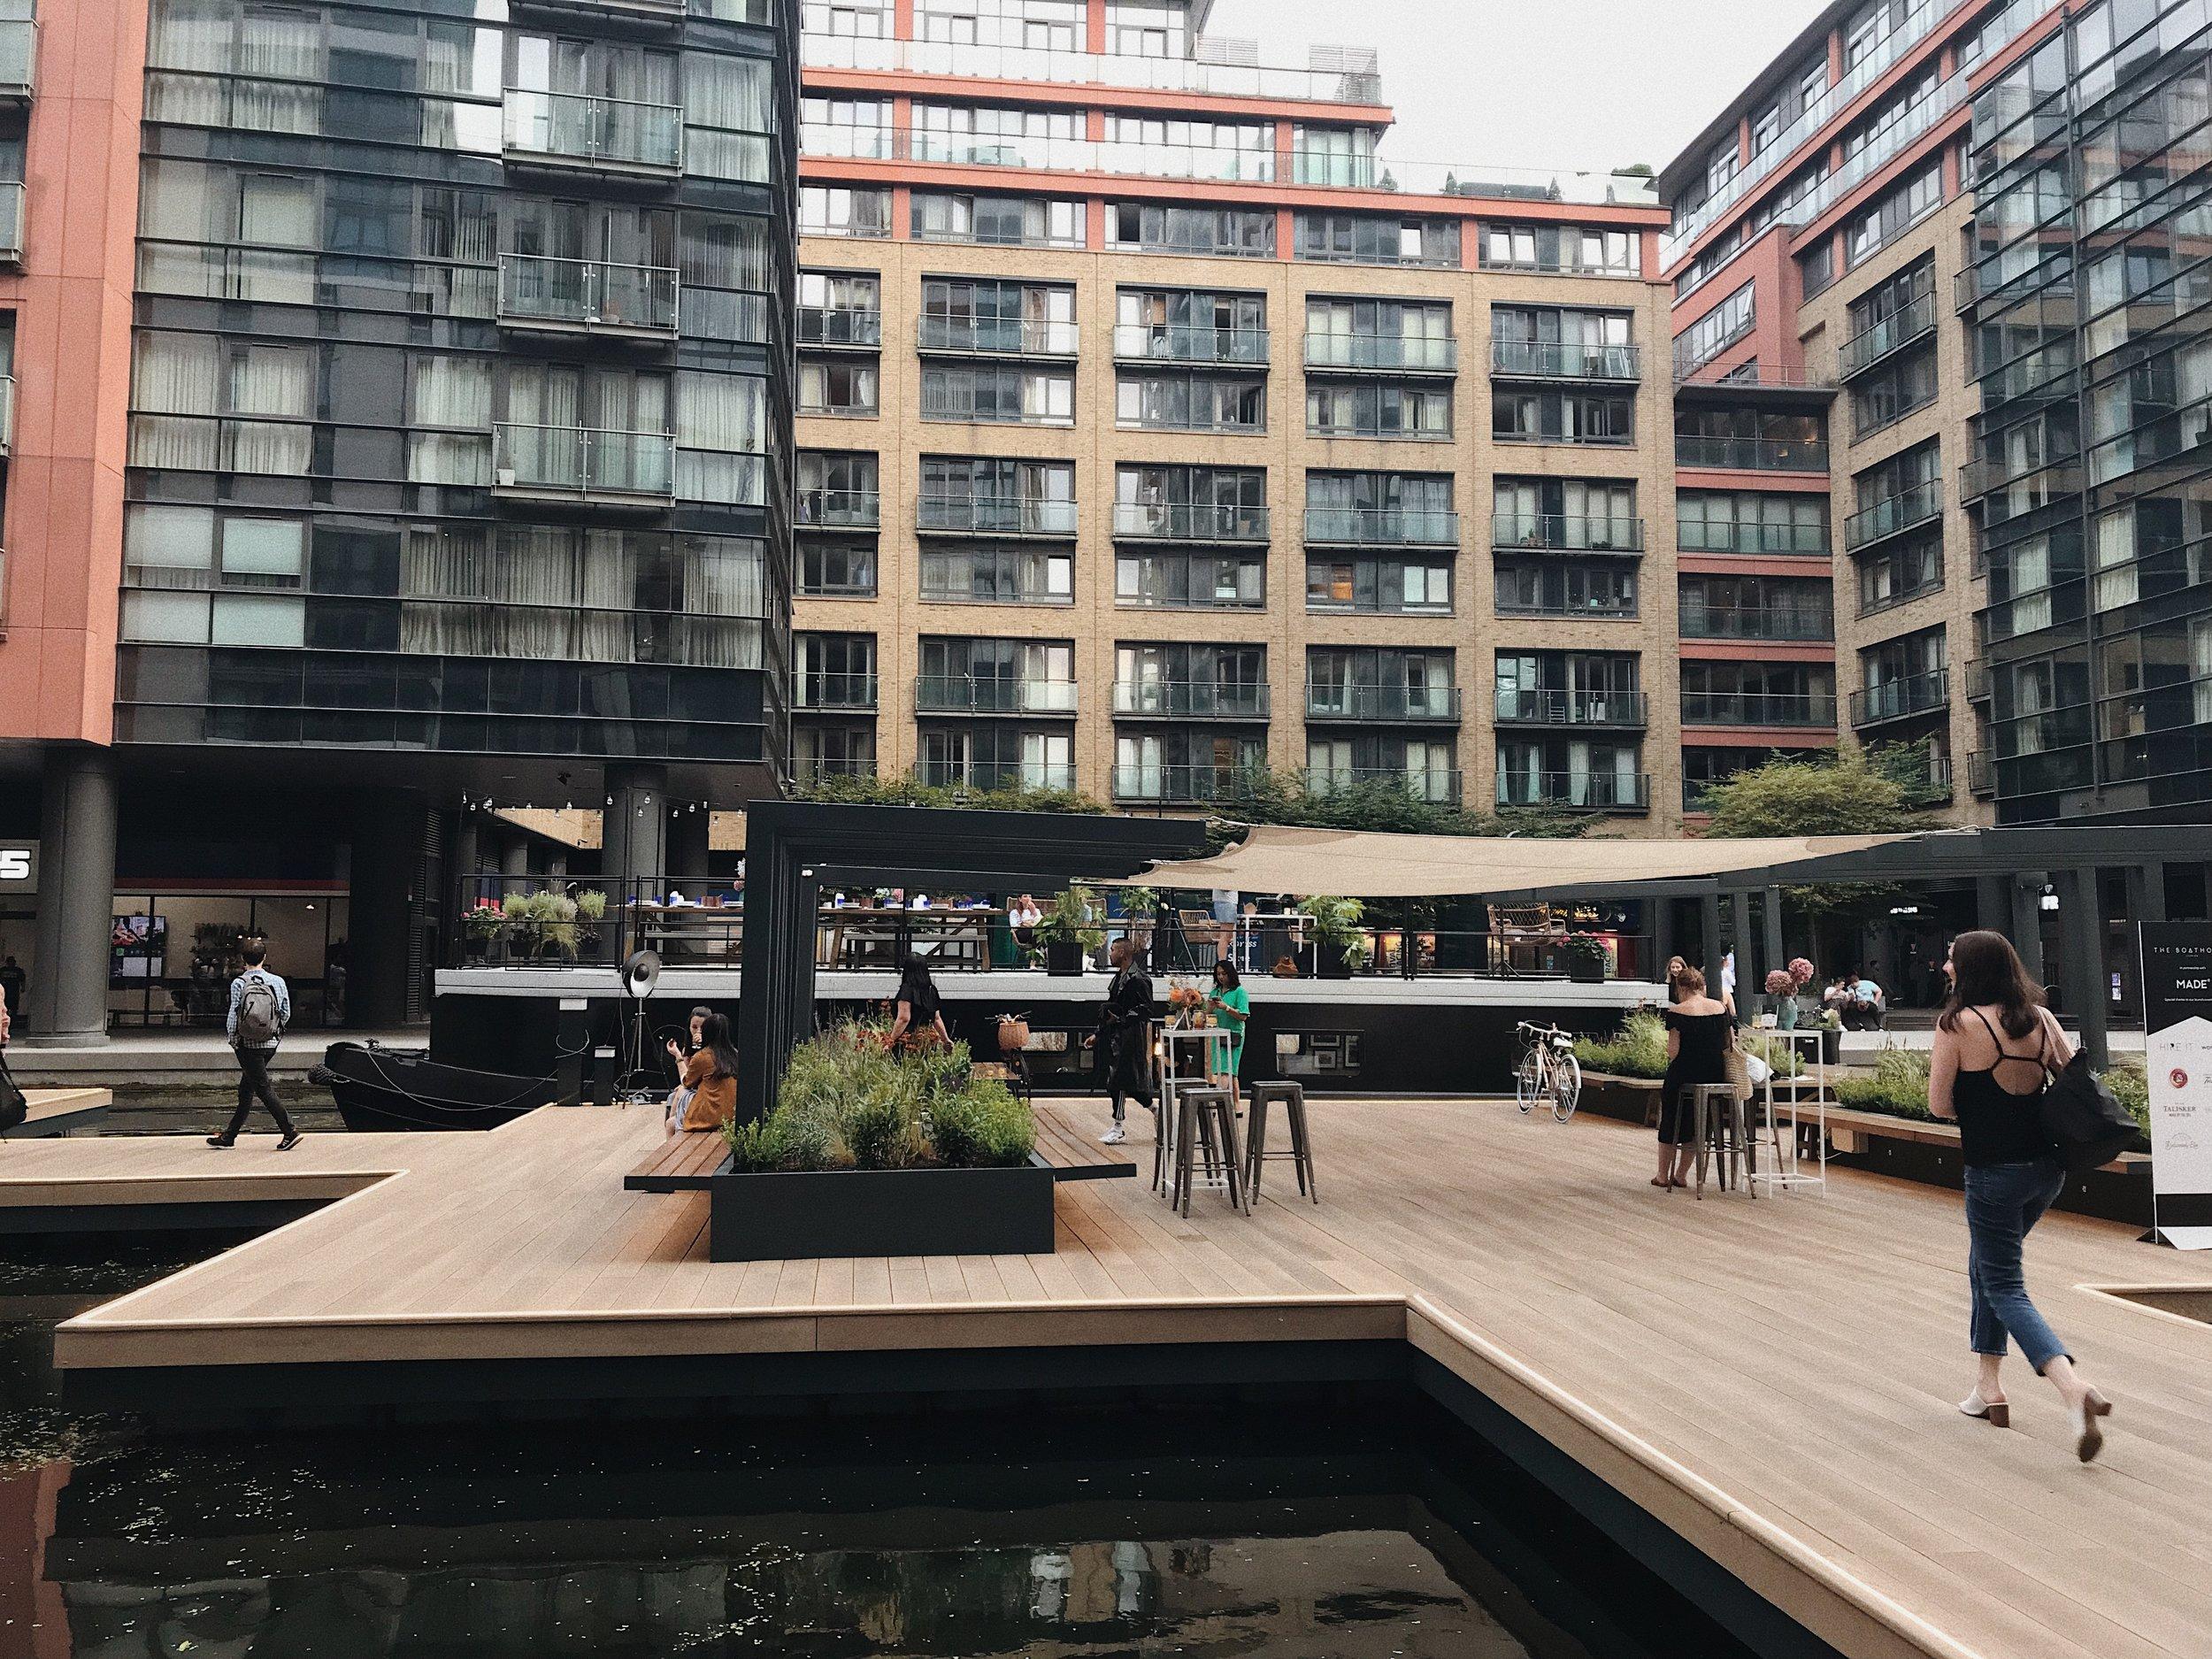 boathouse-london-bynoelle